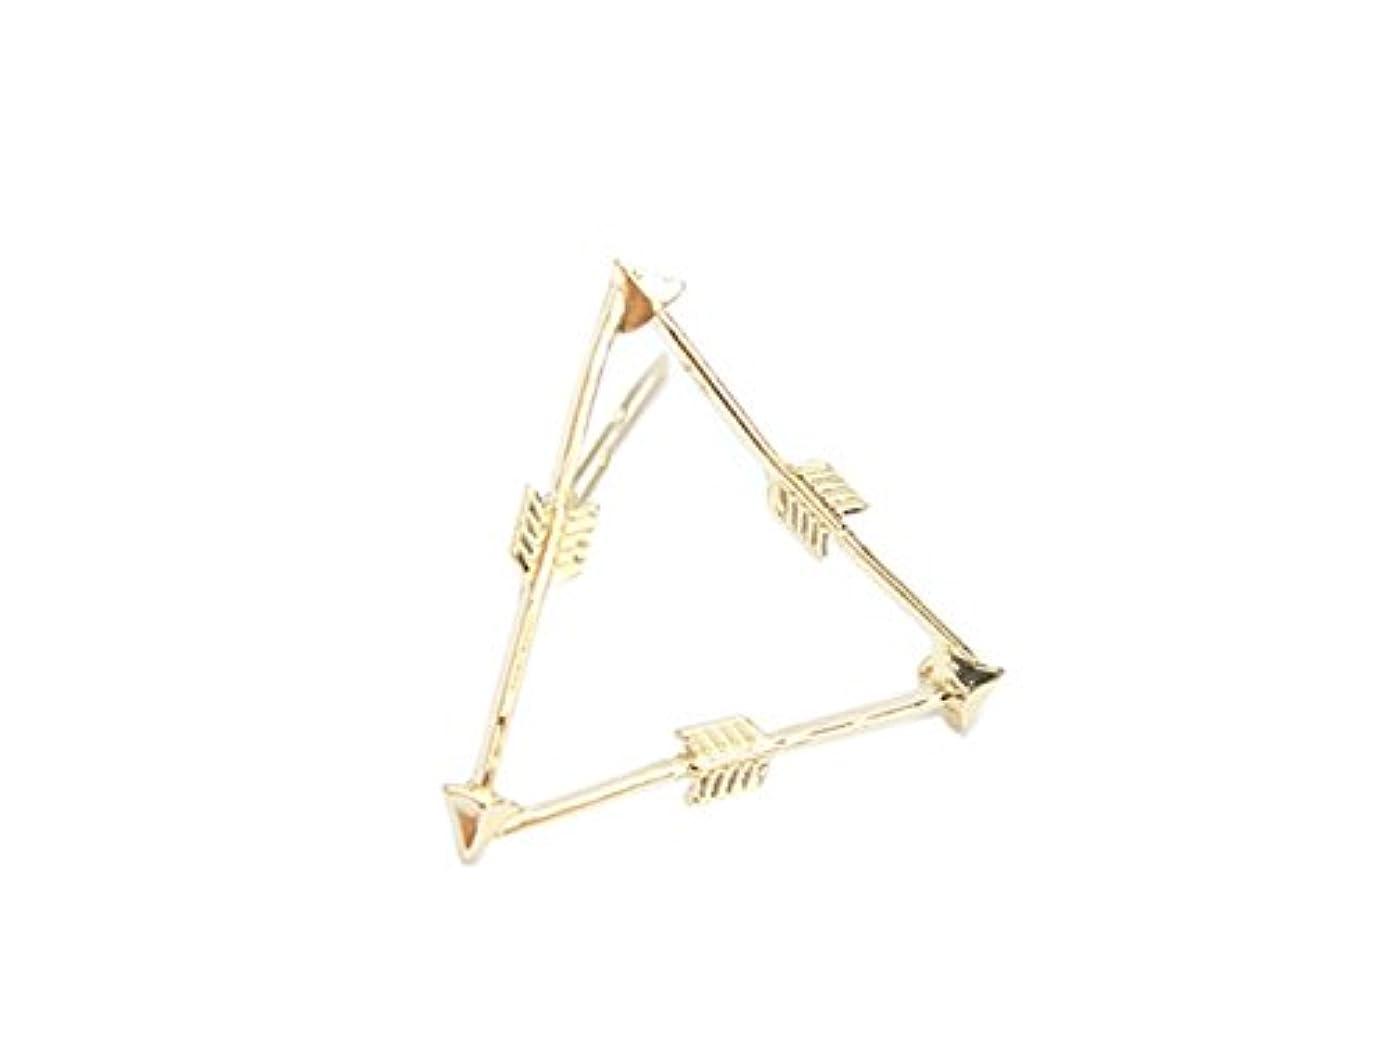 お風呂を持っているアジア意味のあるOsize 美しいスタイル 弓と矢トライアングルヘアクリップサイドクリップヘアピンヘアアクセサリー(図示)